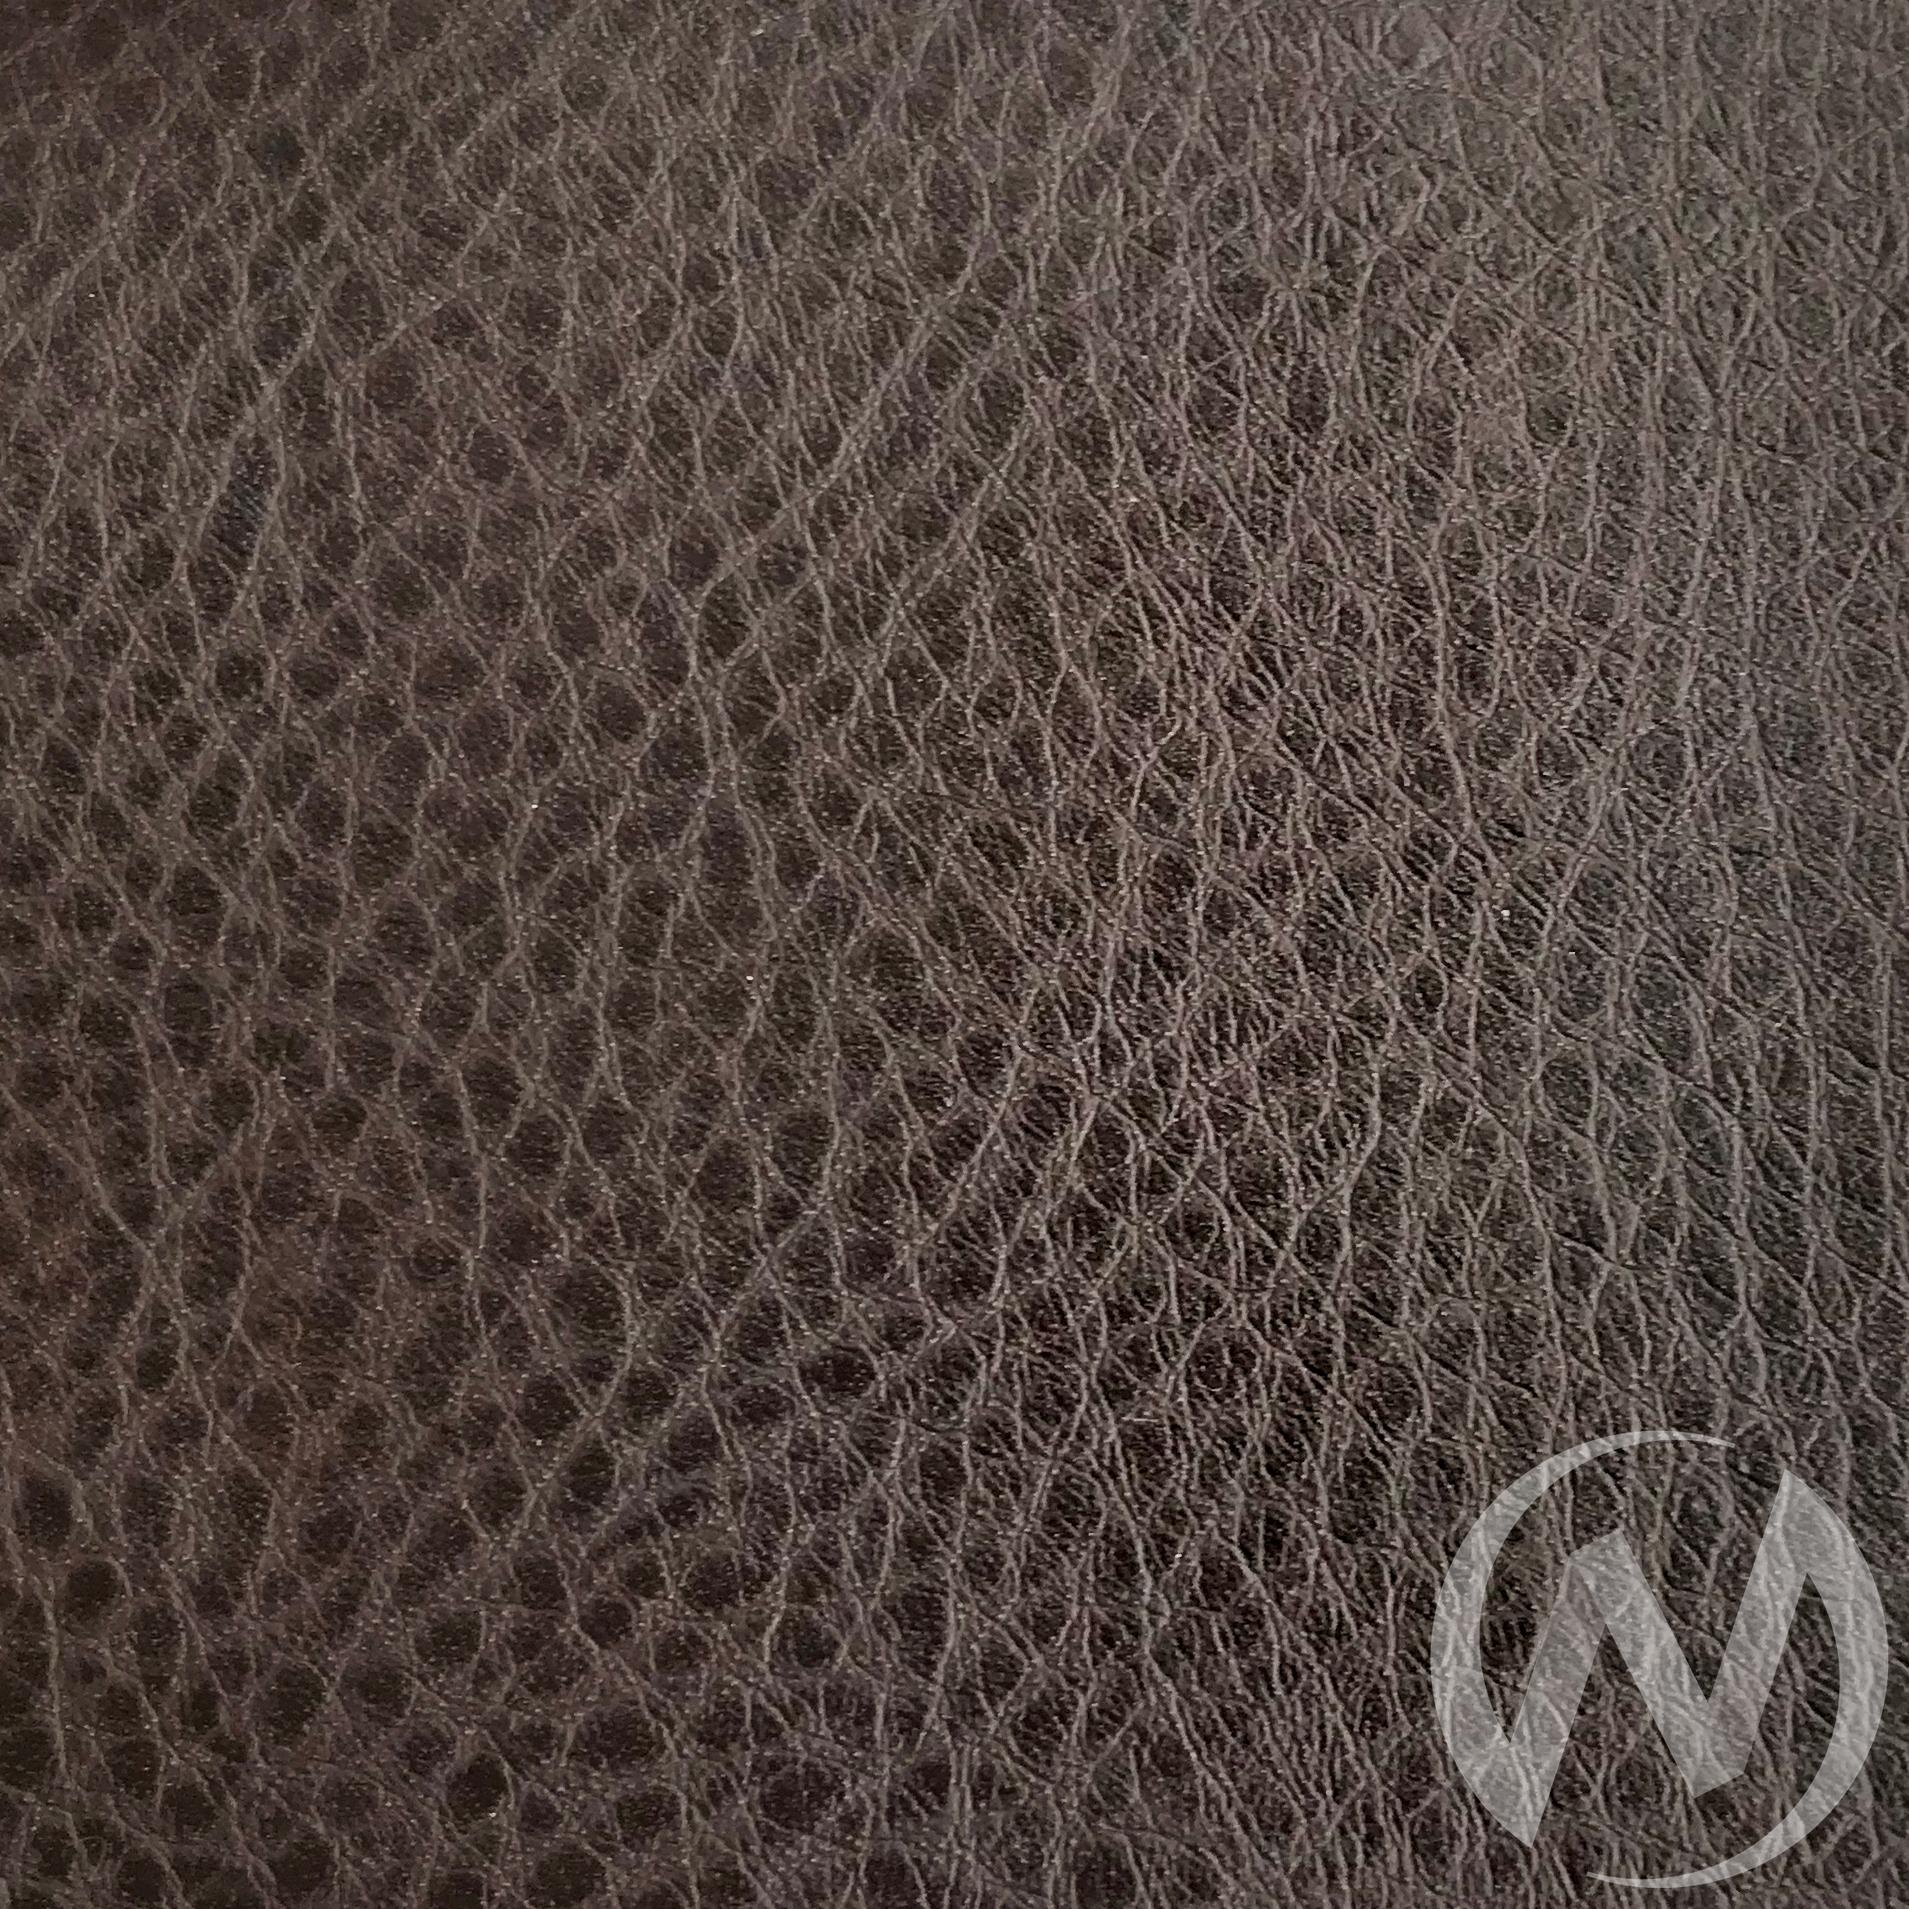 """Набор мебели для кухни """"ТЮЛЬПАН мини"""" -ОДНОТОН (ВЕНГЕ, борнео умбер)  в Томске — интернет магазин МИРА-мебель"""